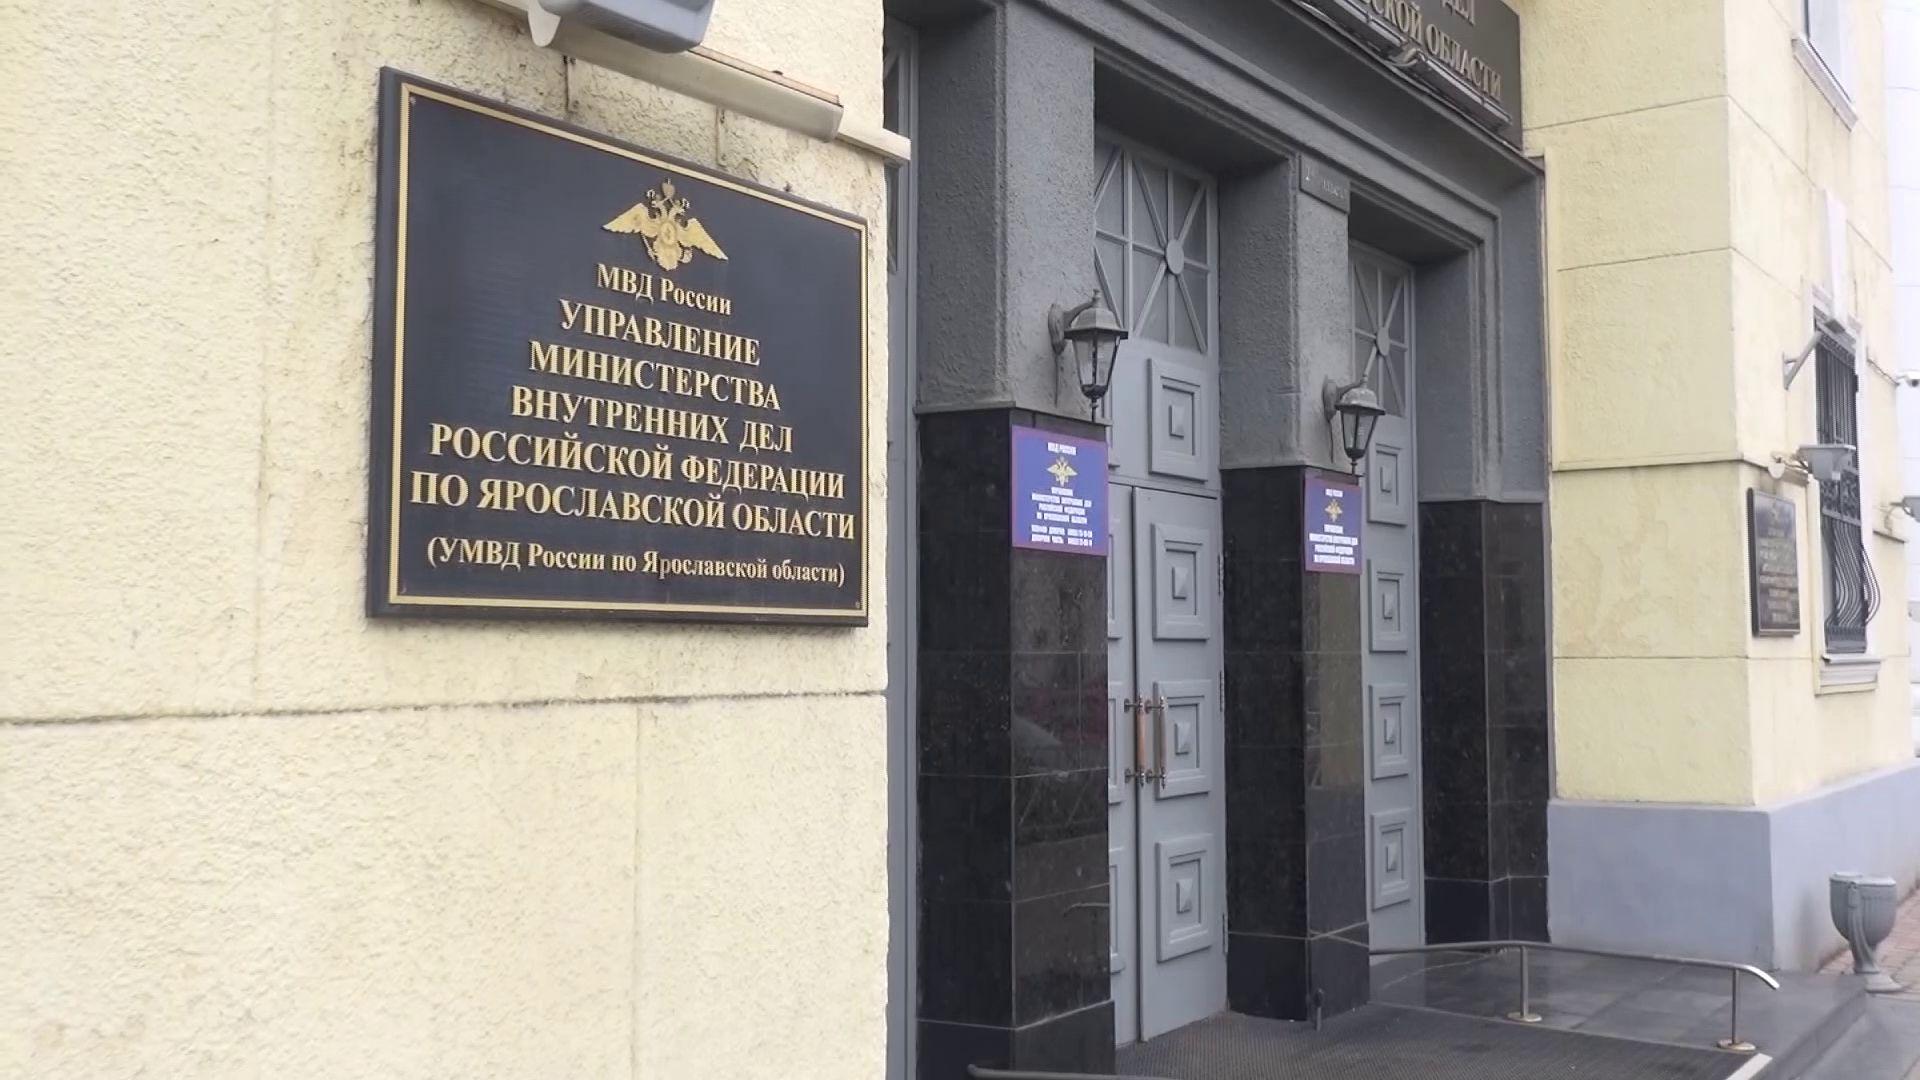 Полиция рассказала о расследовании уголовного дела по нарко-ОПГ